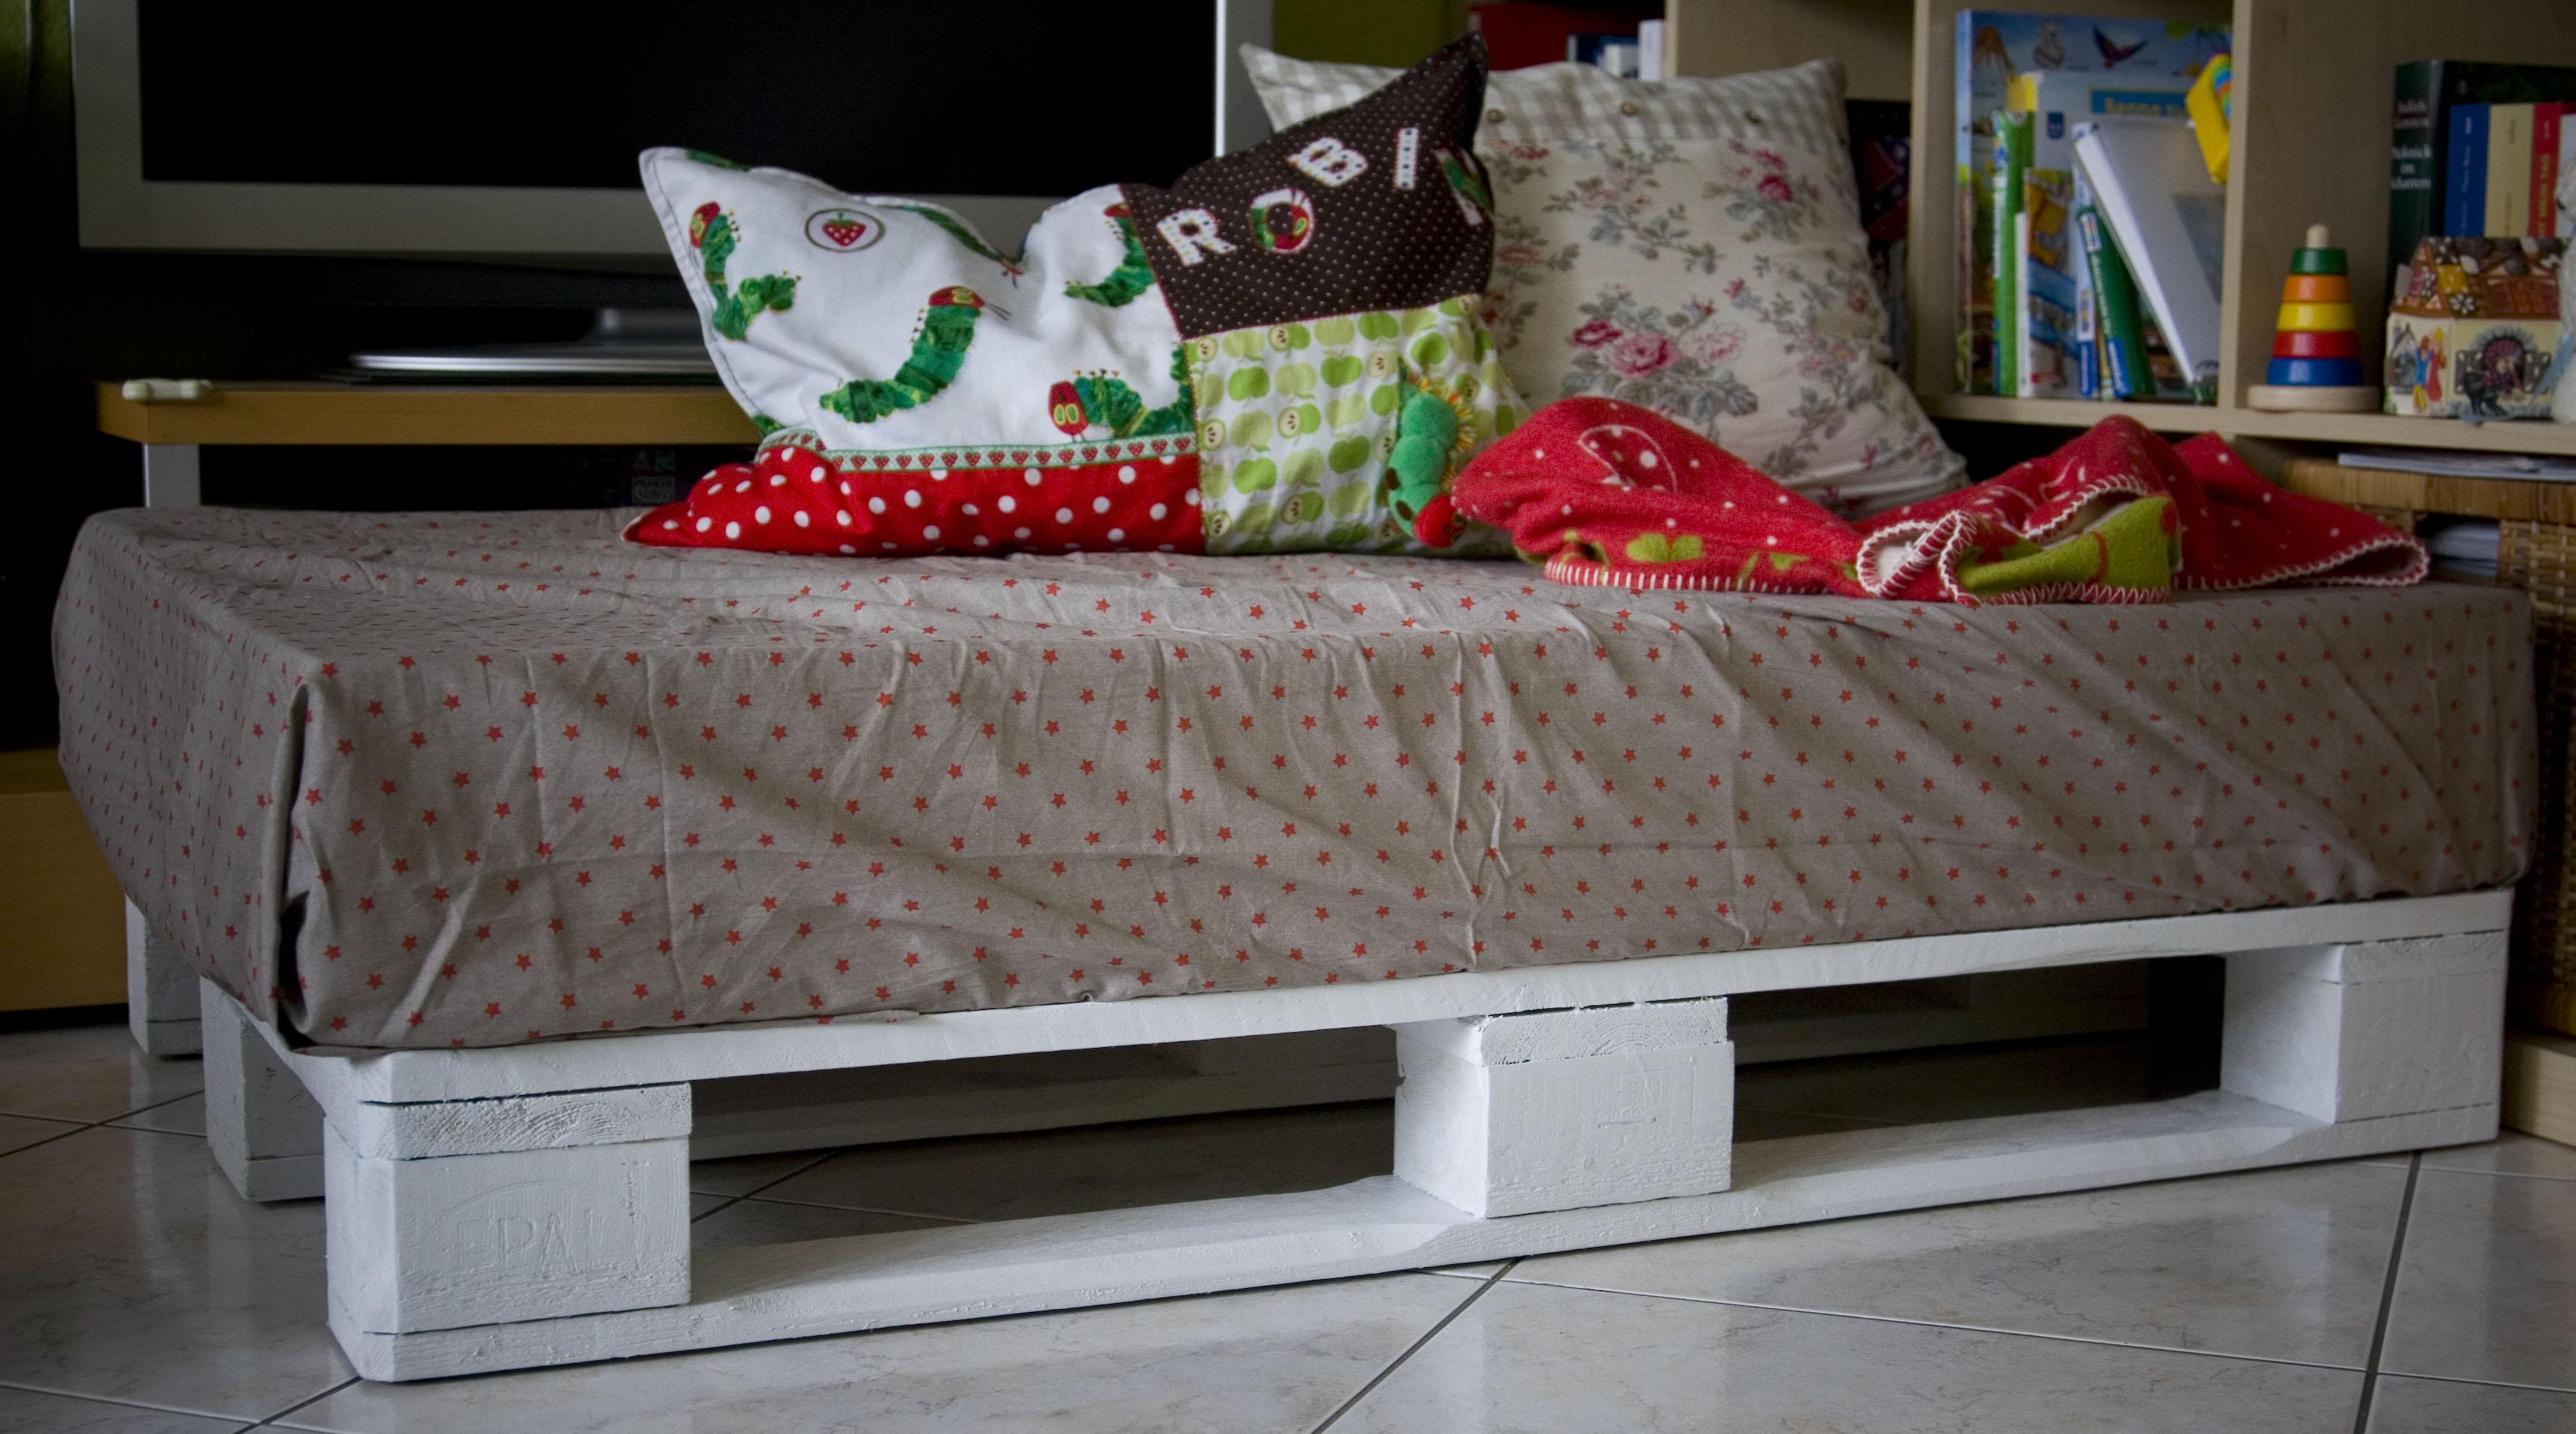 kuschelecke kinderzimmer selber bauen die neuesten innenarchitekturideen. Black Bedroom Furniture Sets. Home Design Ideas